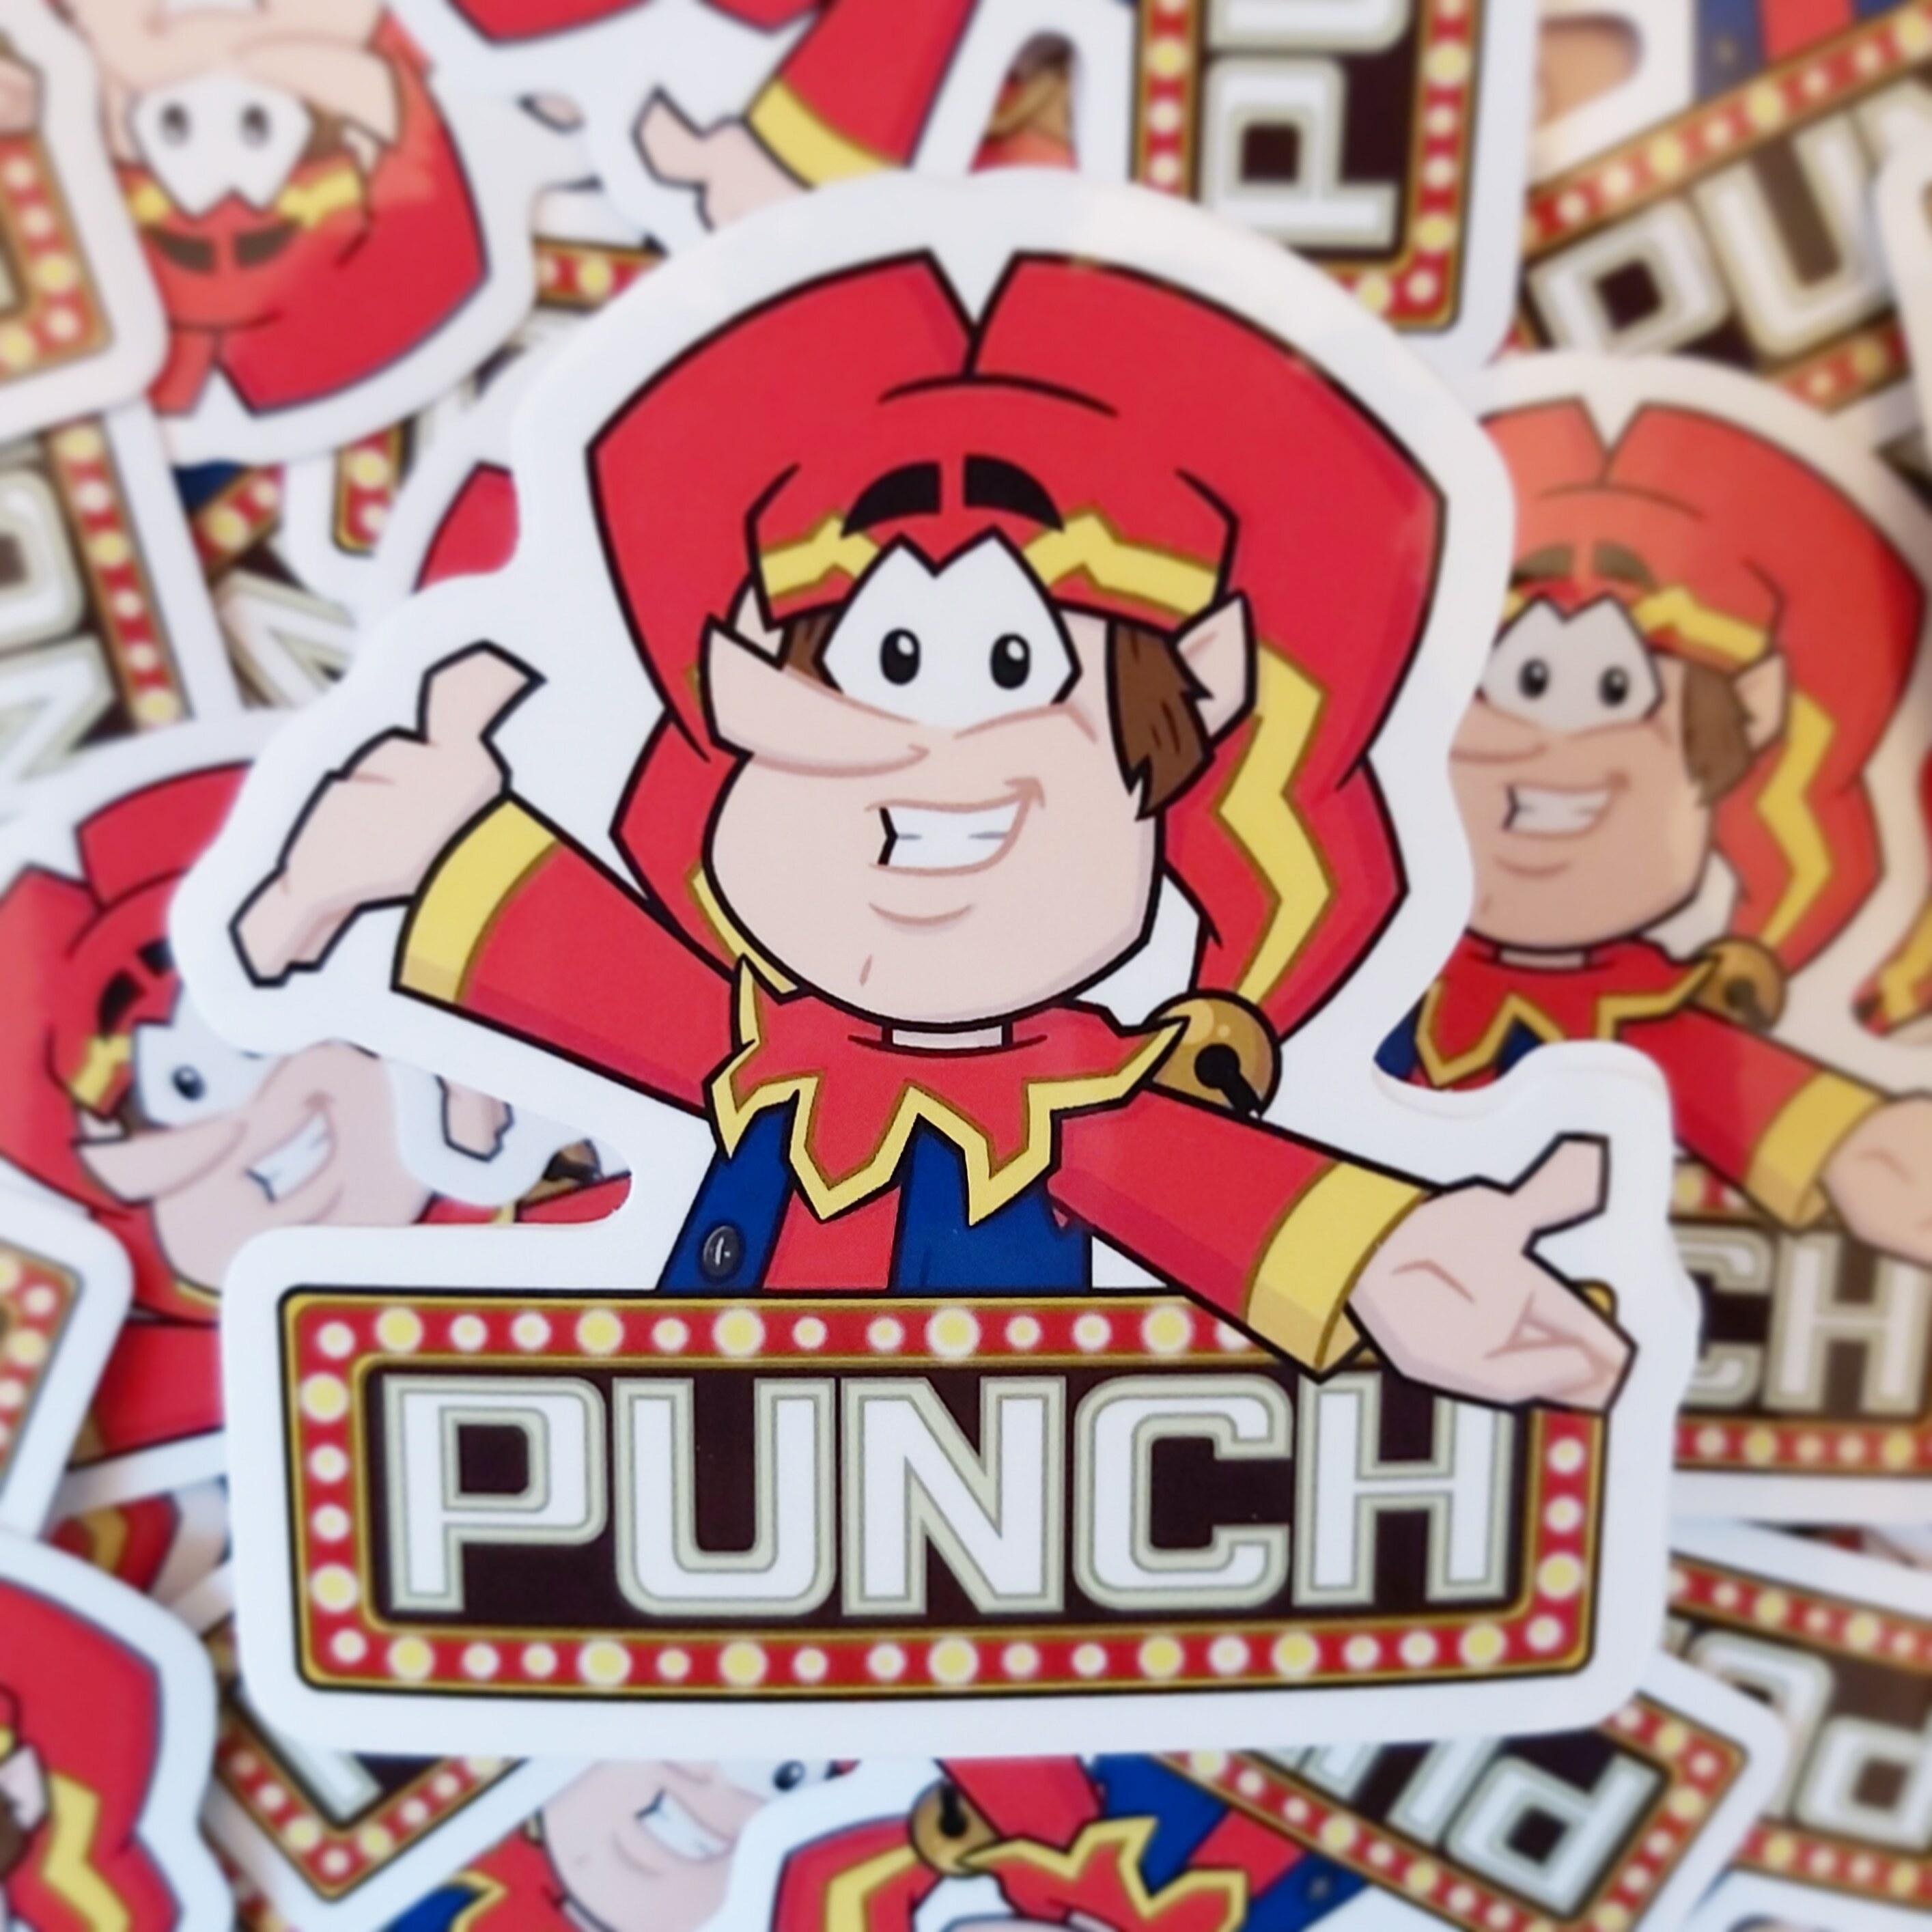 Punch Sticker